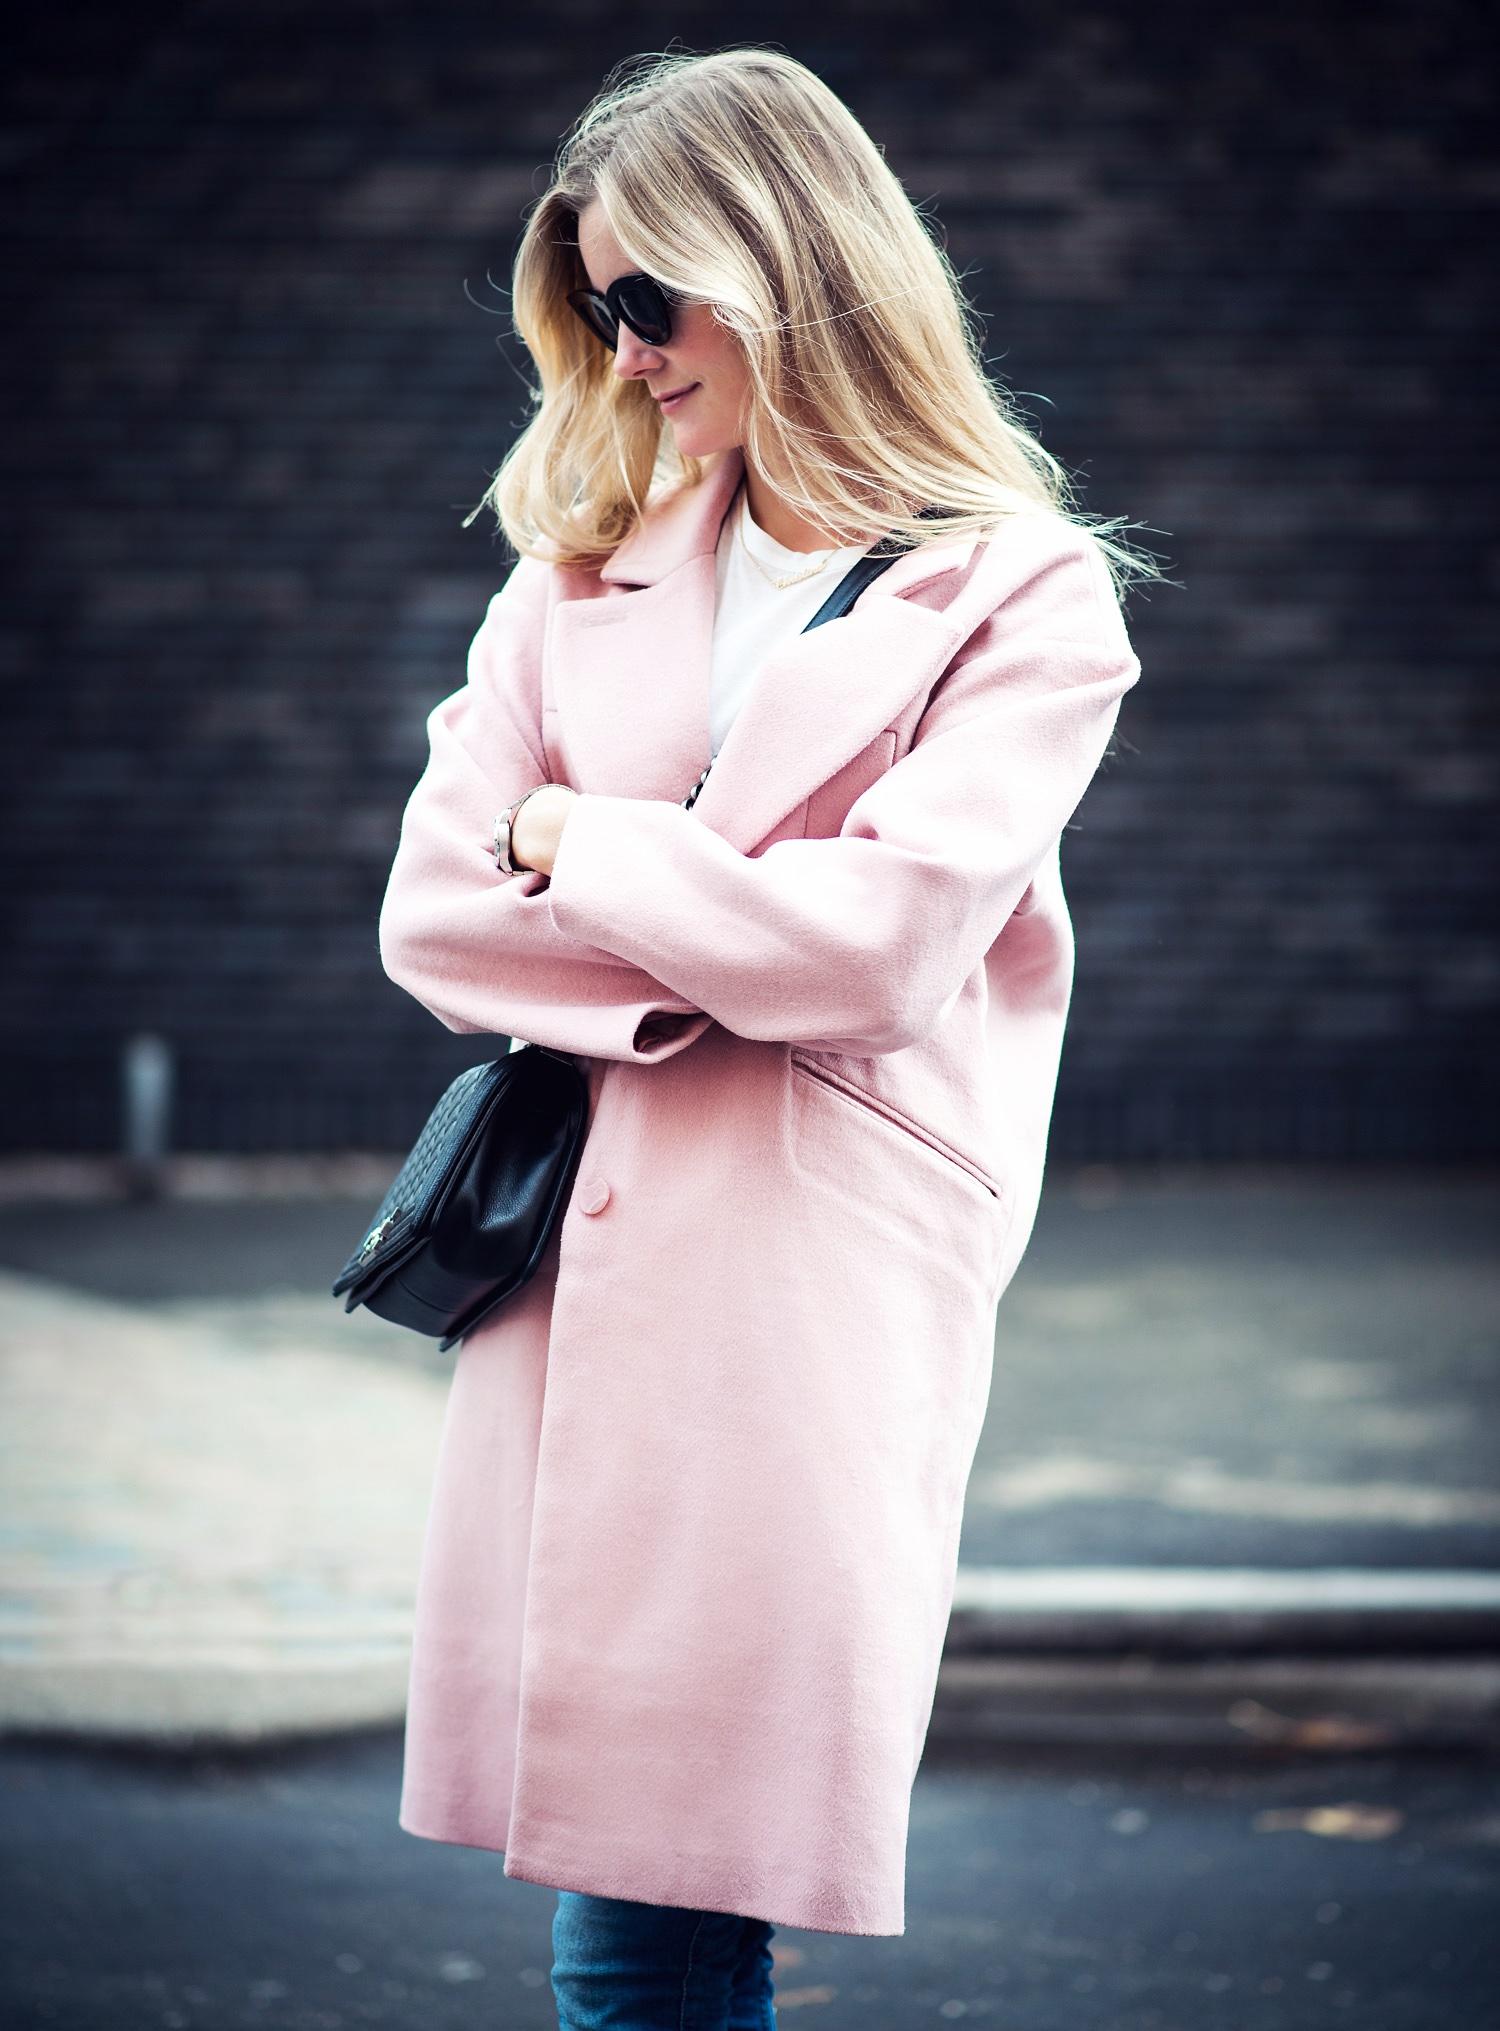 pinkcoat@2x